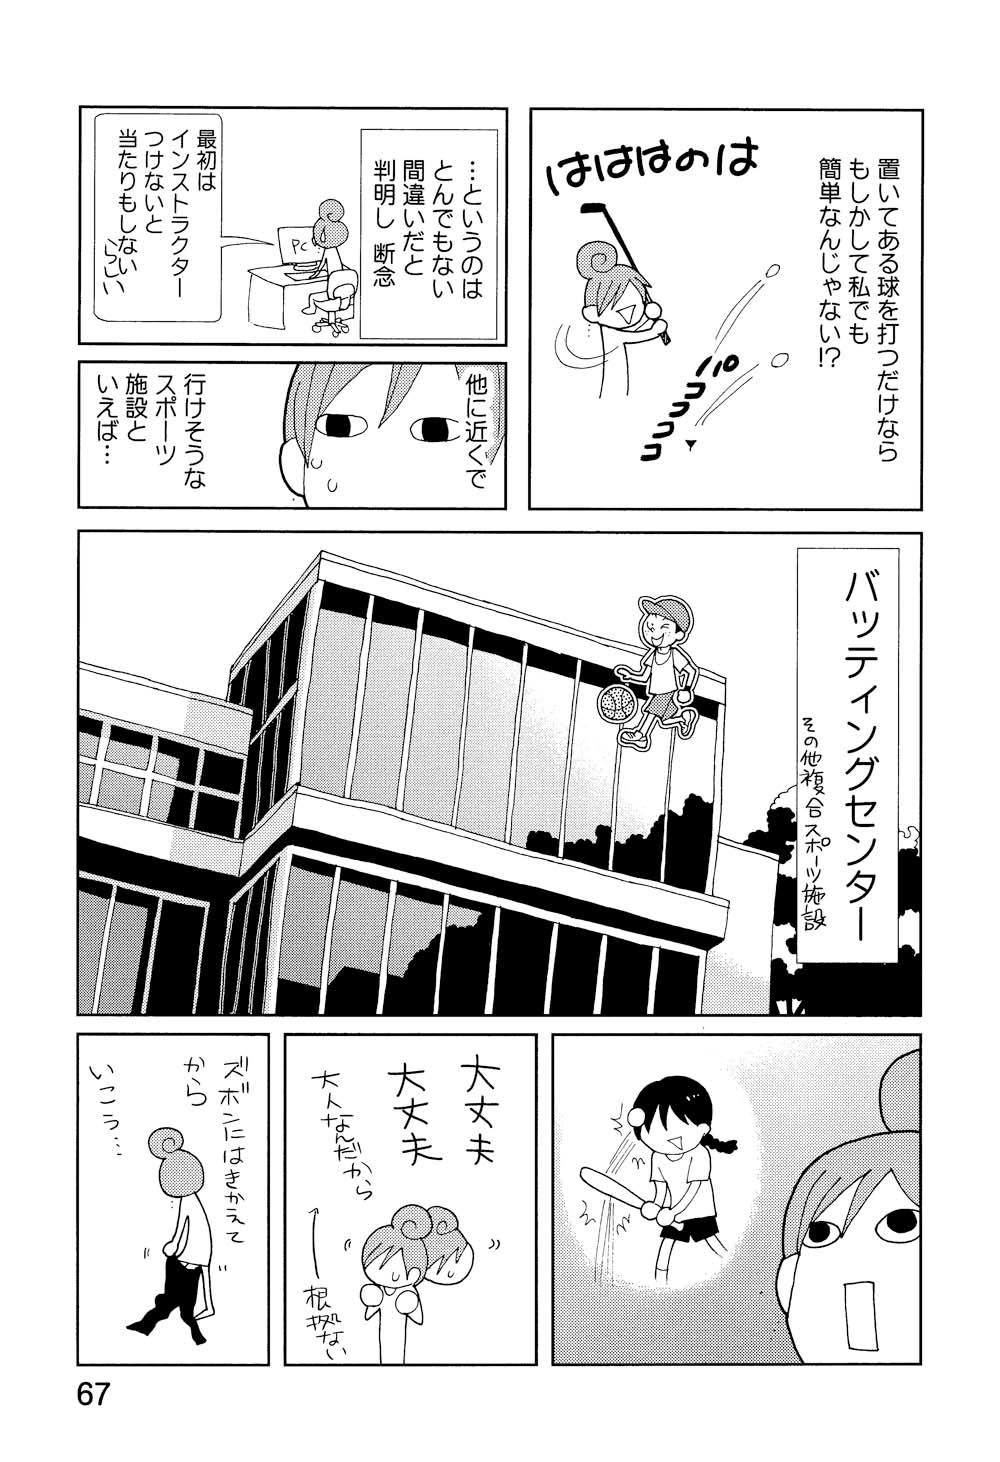 おひとりさま_068.jpg